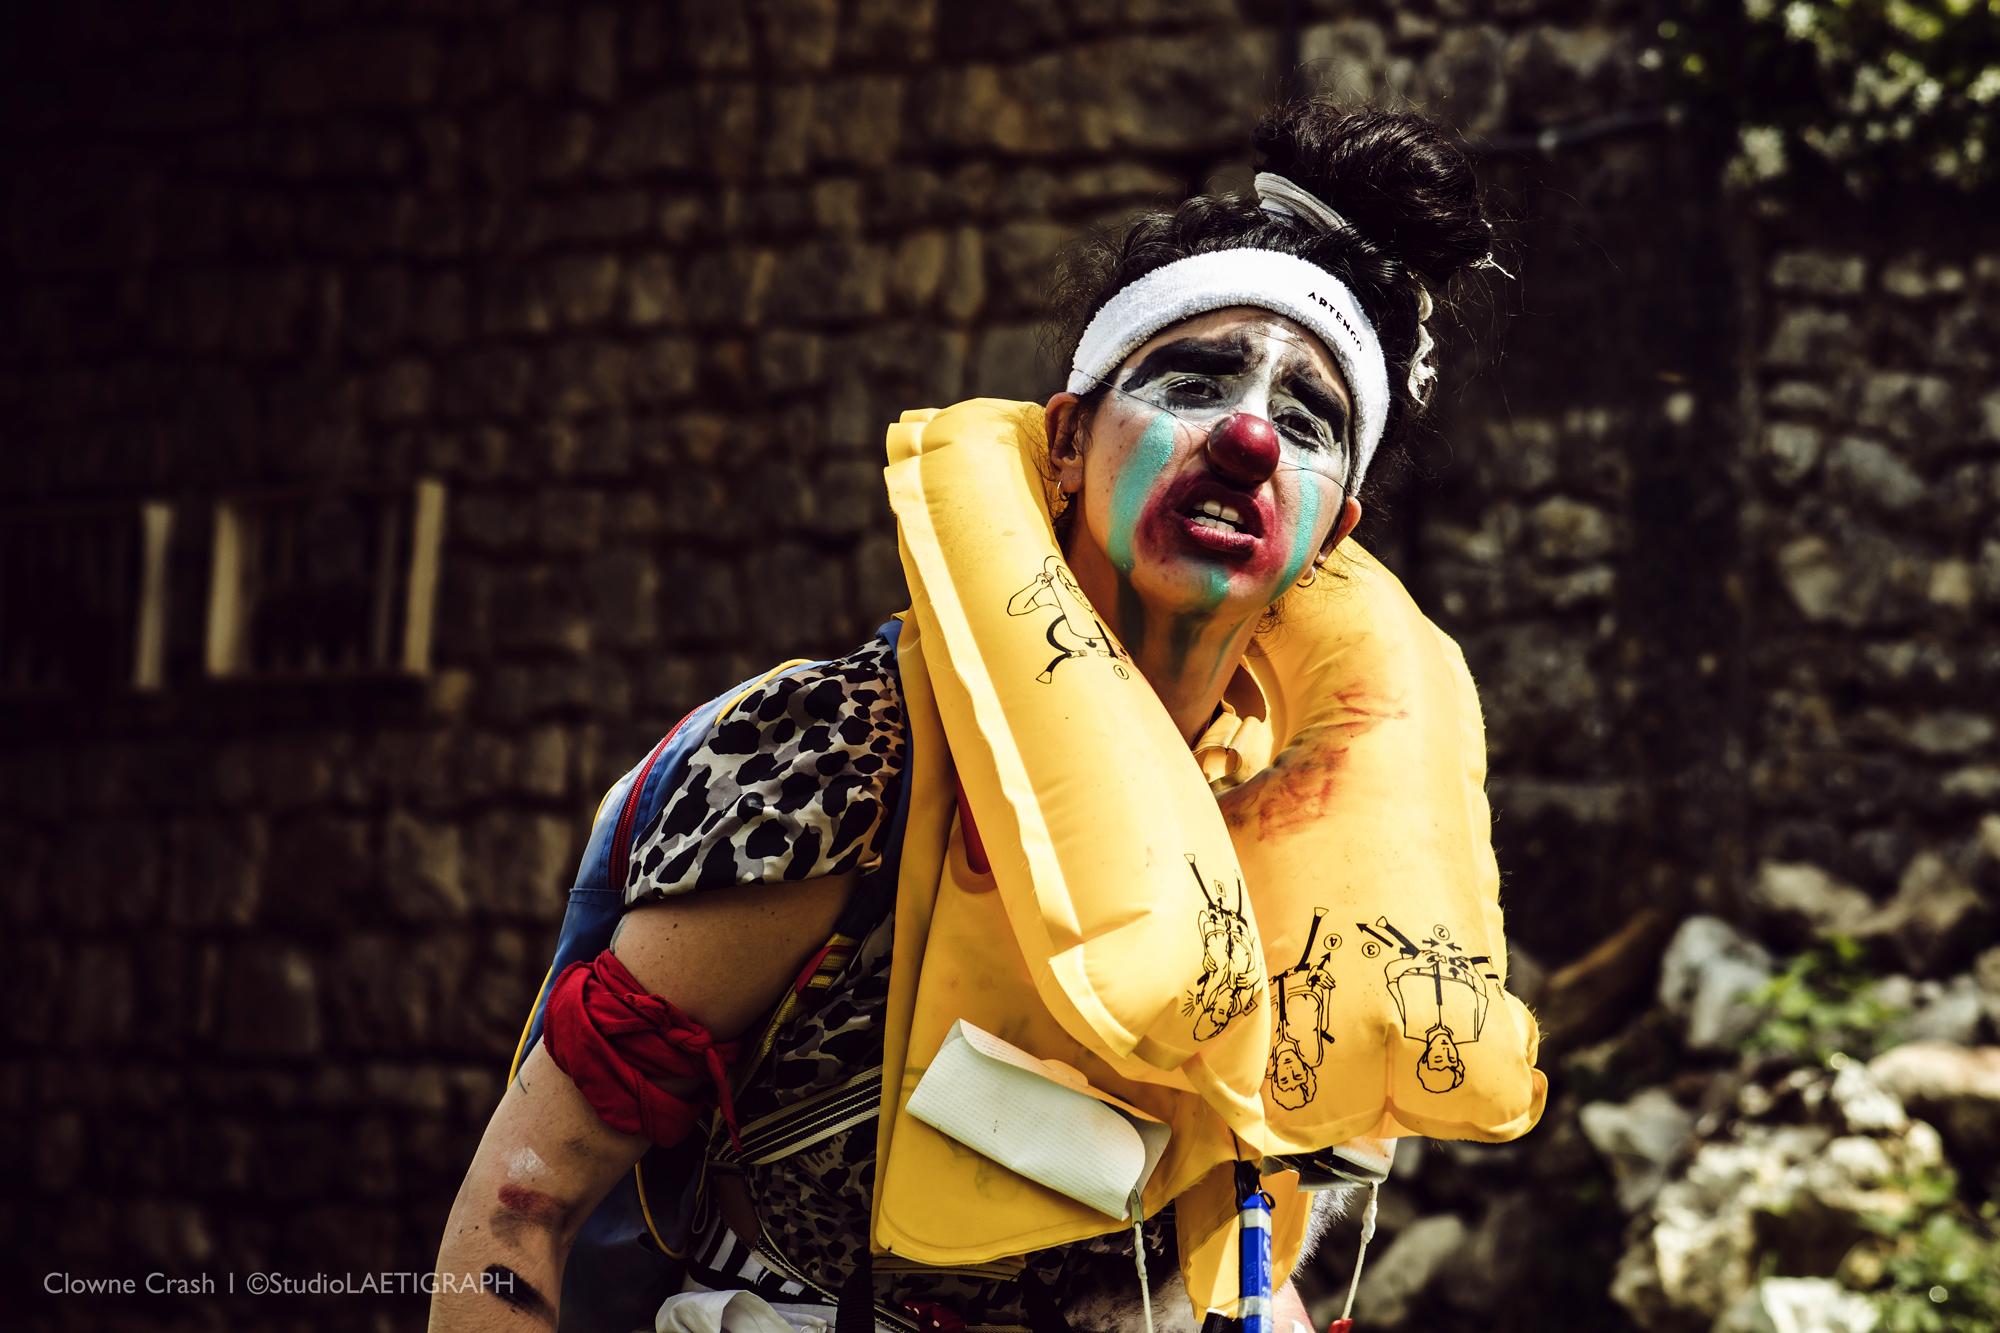 LMDCB21_Clowne Crash 1-5